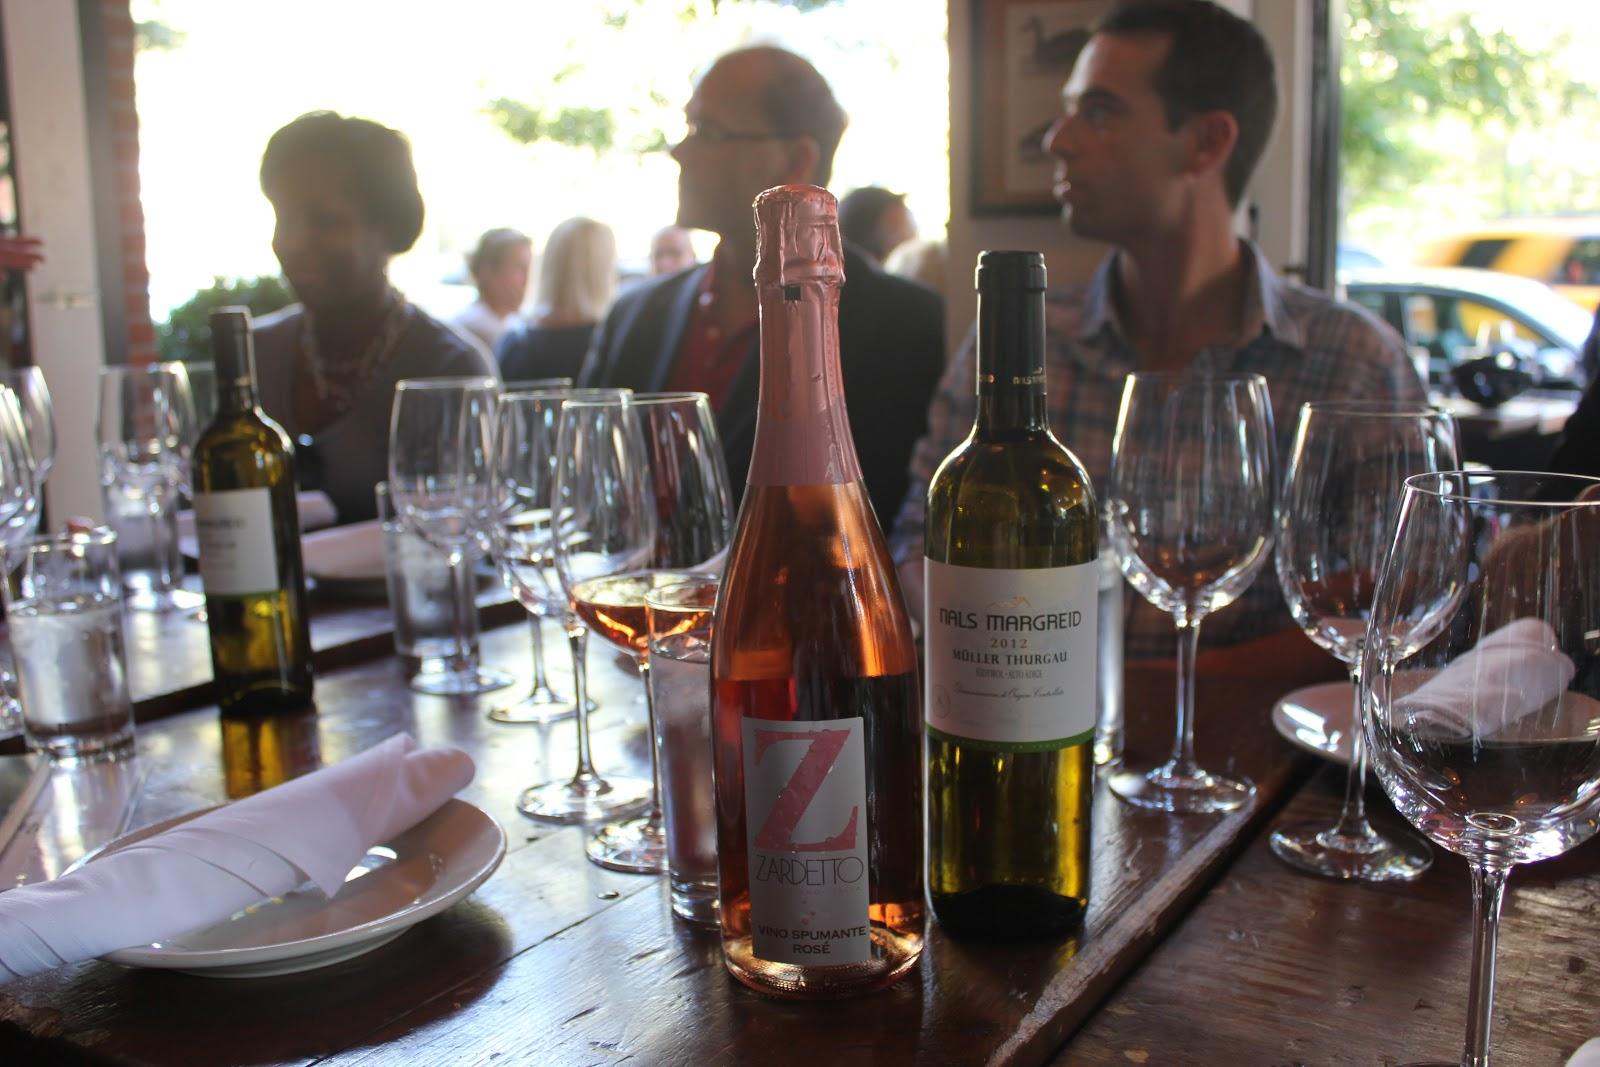 wine-tasting-in-nyc-soho-vimbly